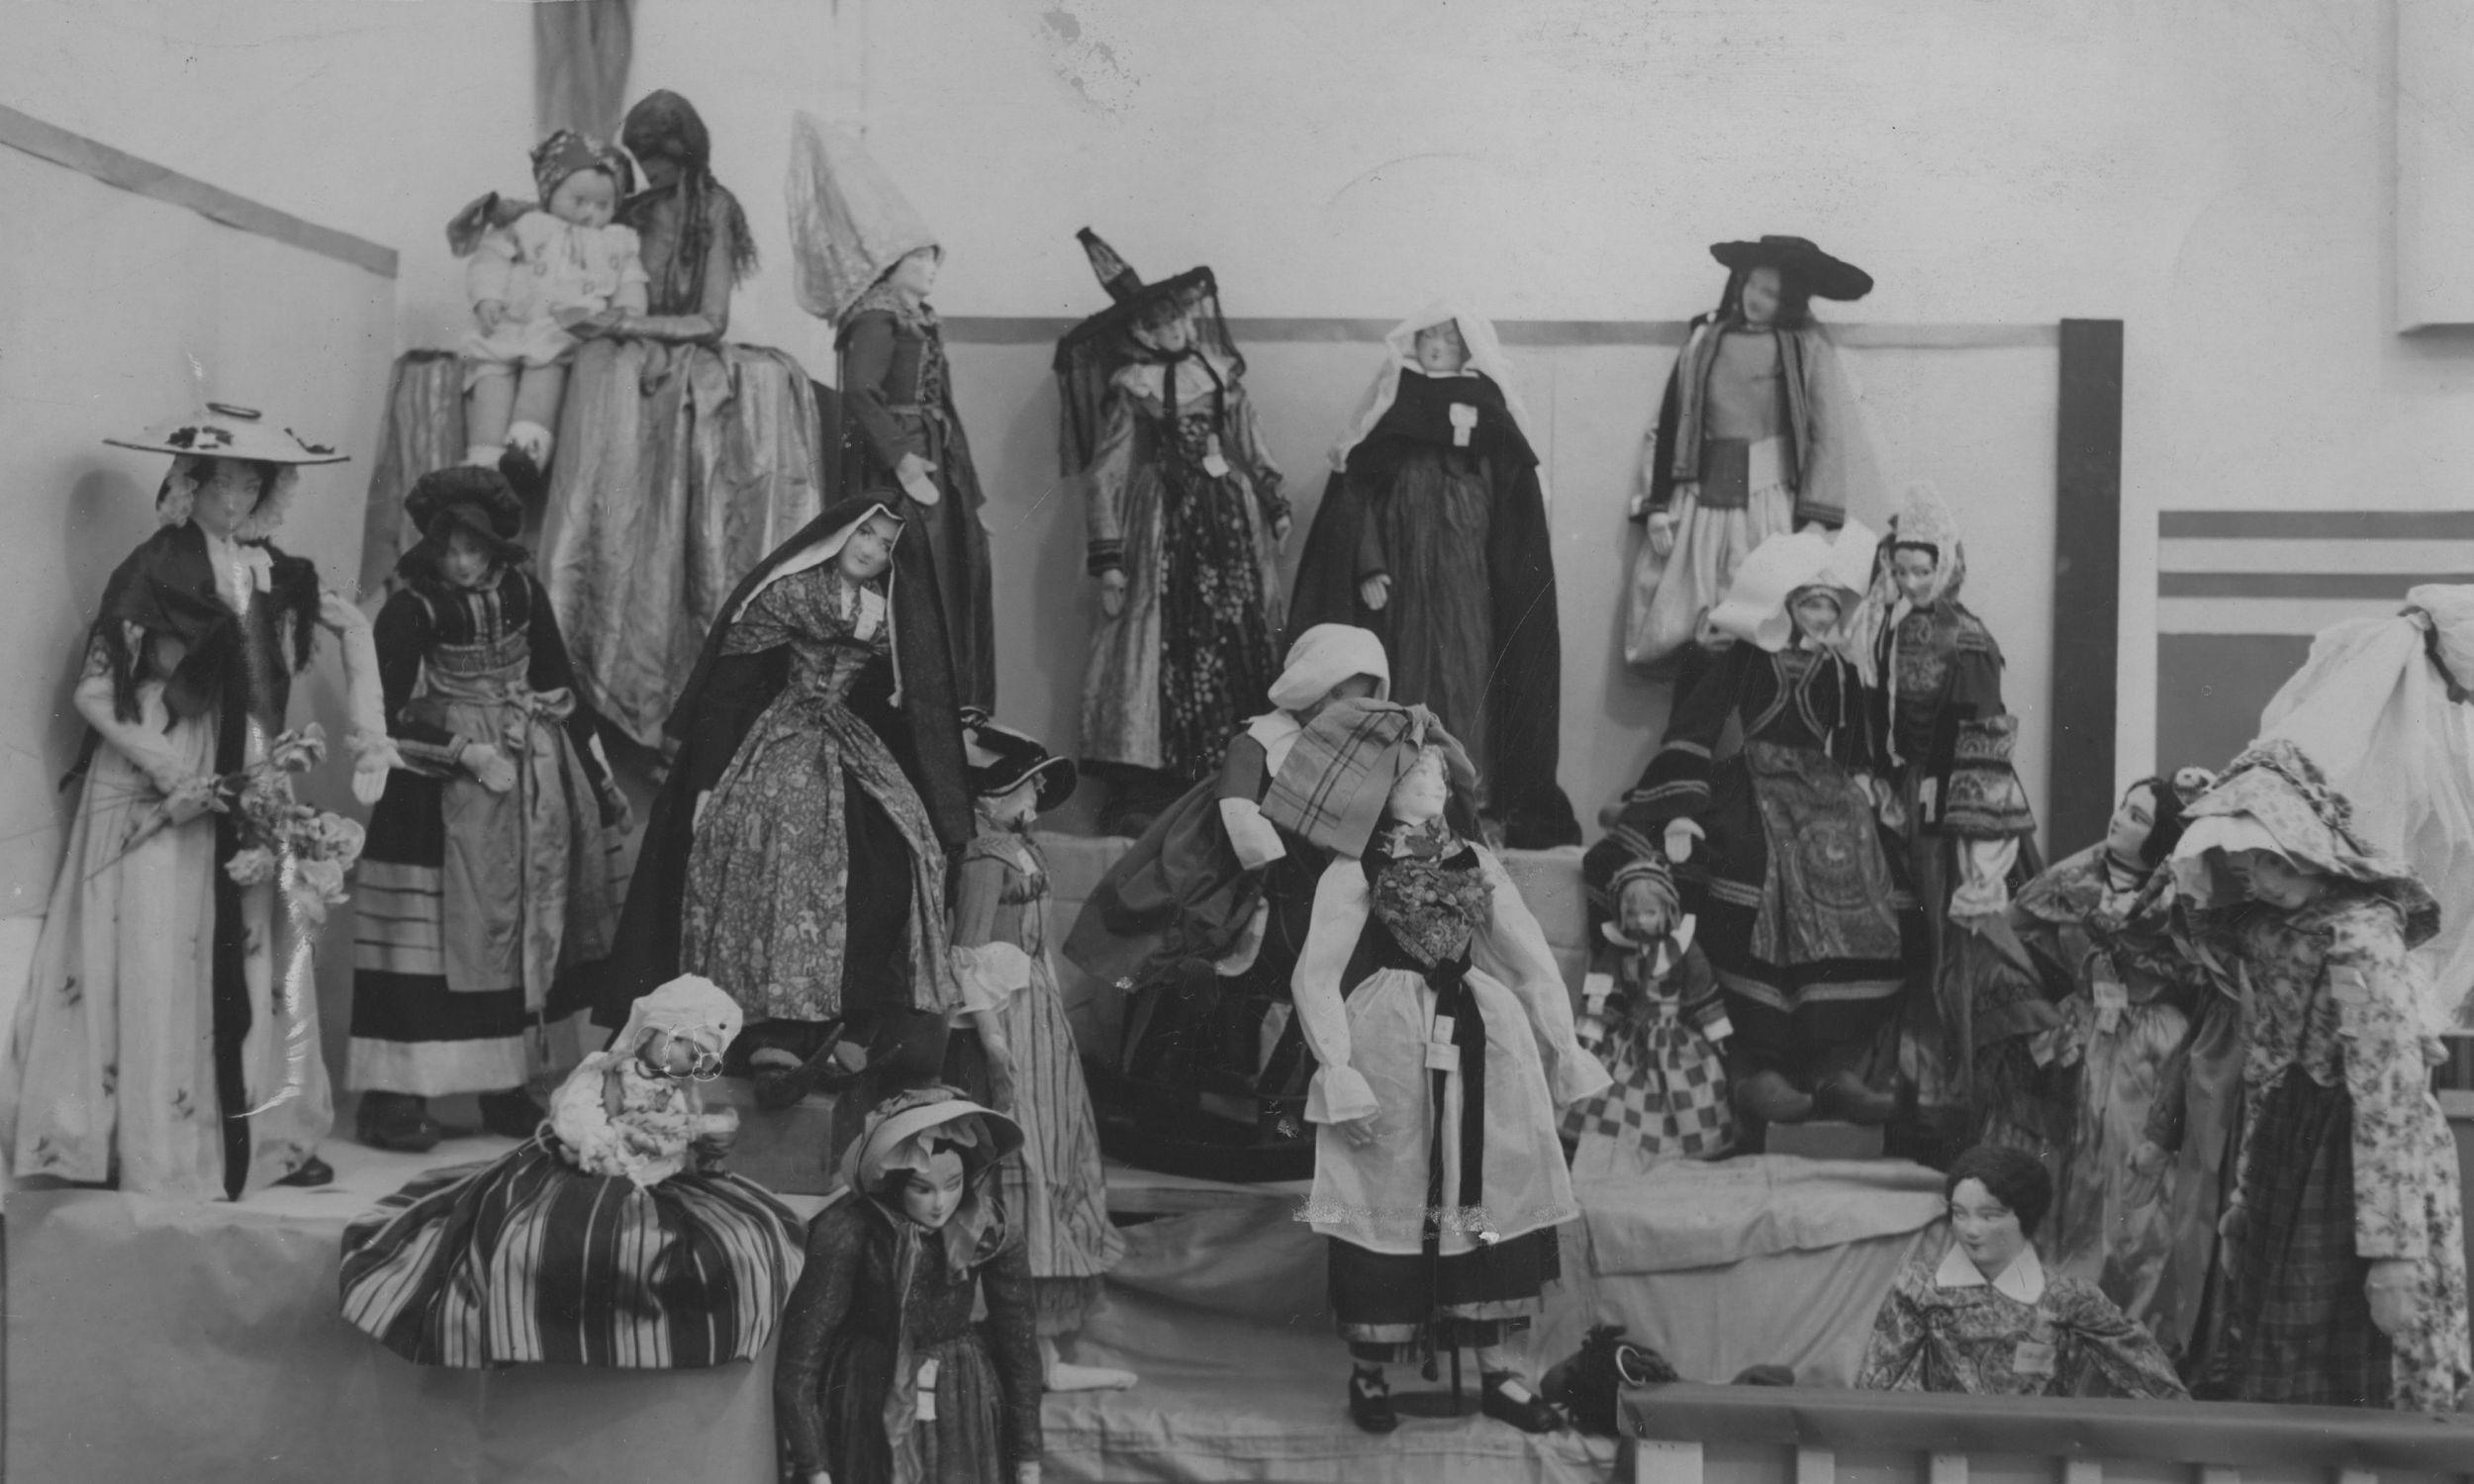 Wystawa lalek artystki i malarki Stefanii Łazarskiej – Kraków, wrzesień 1939 r. Fot. NAC/IKC, sygn. 1-K-4094-3